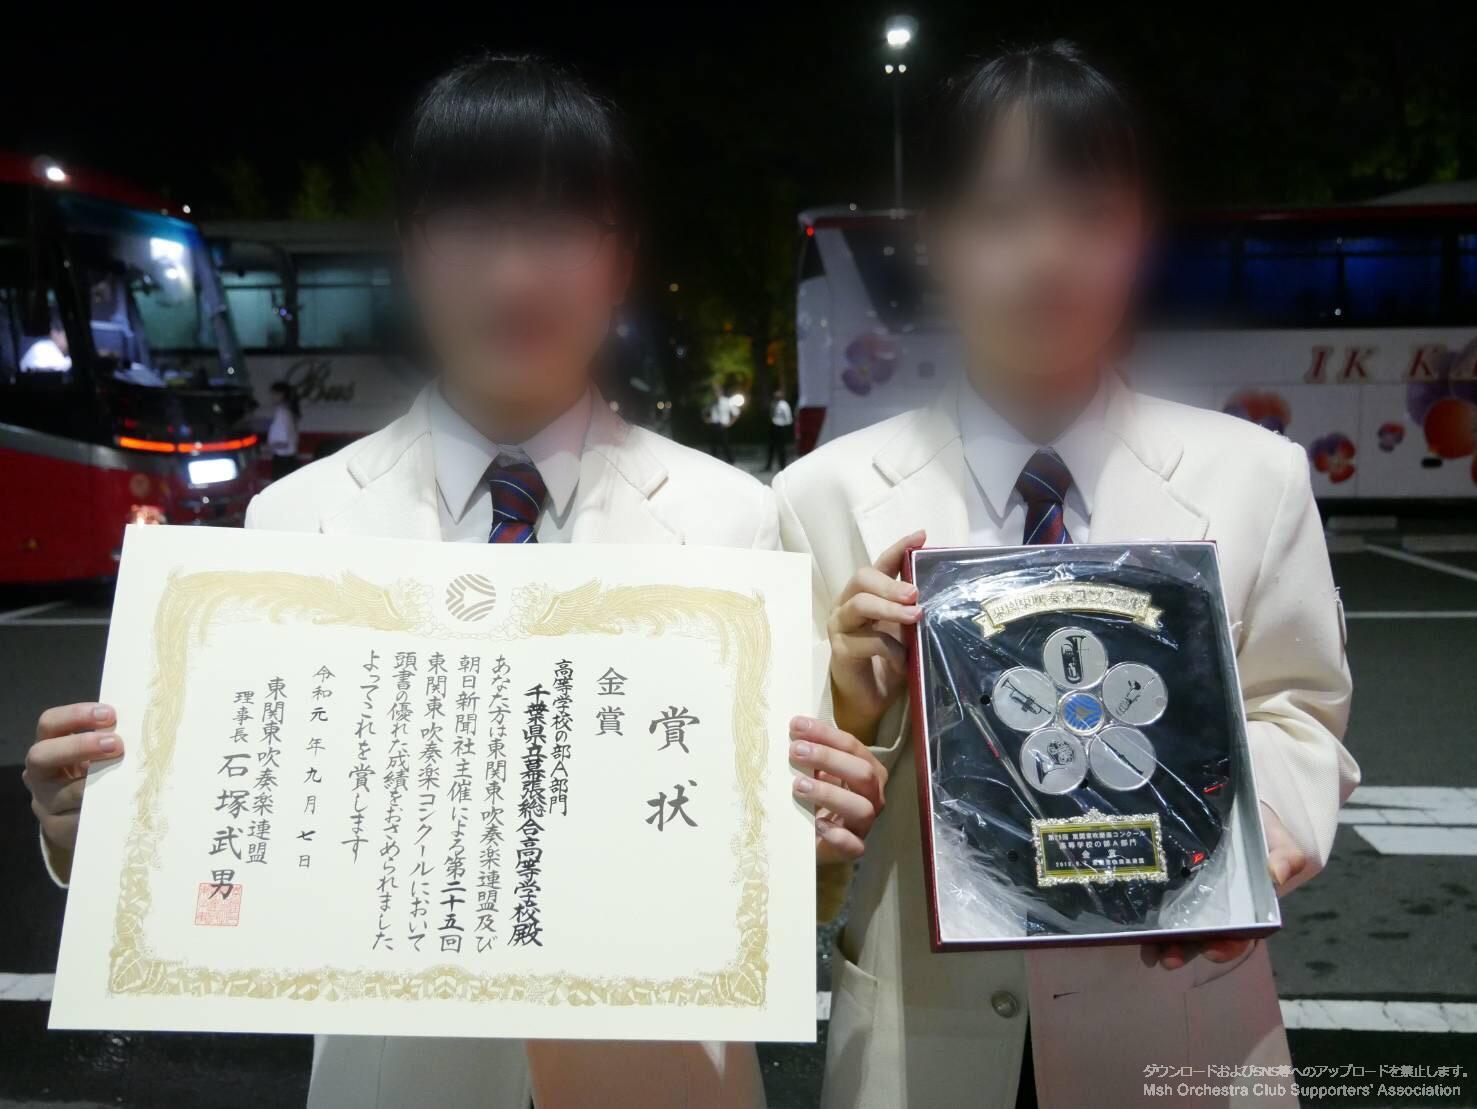 横浜 吹奏楽 コンクール 2019 結果